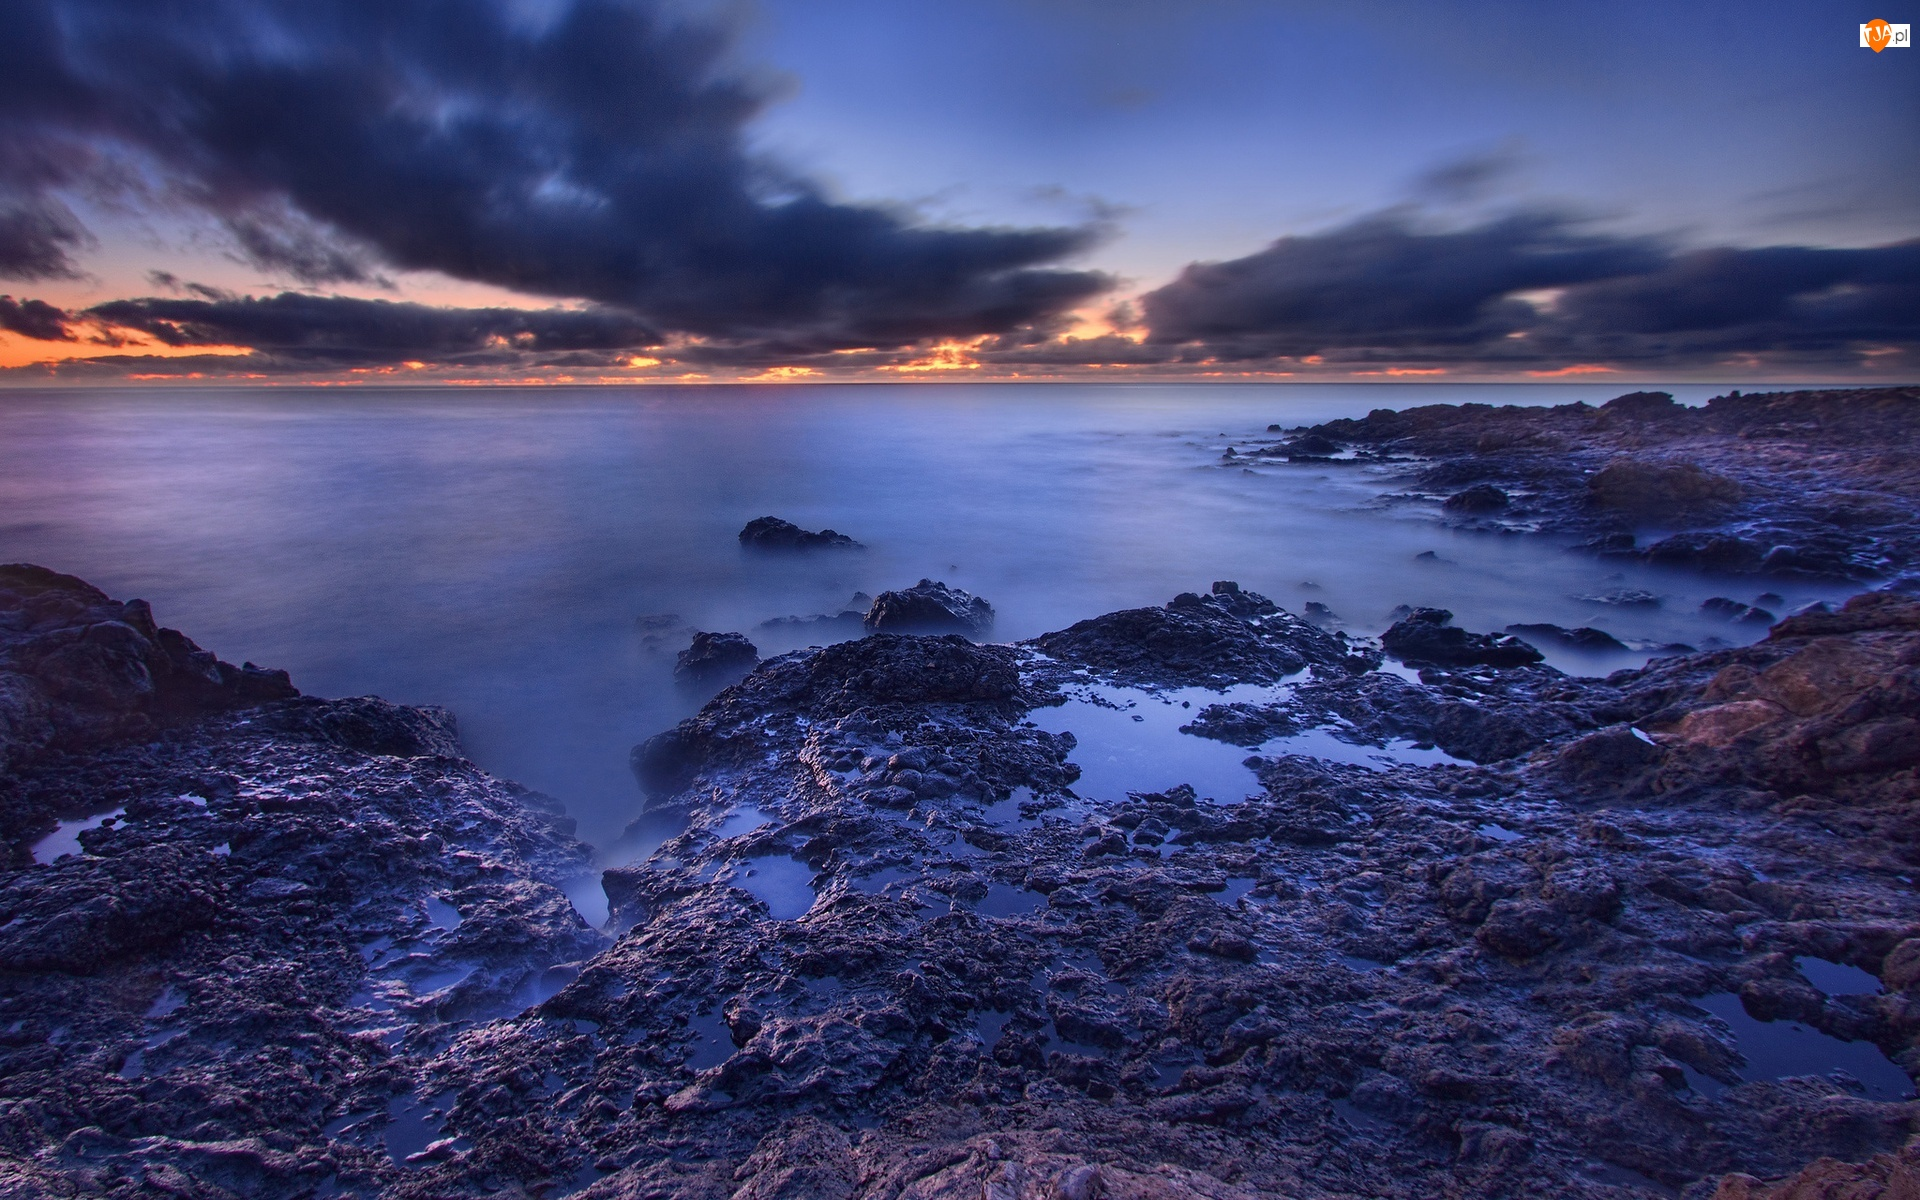 Morze, Wschód Słońca, Brzeg, Chmury